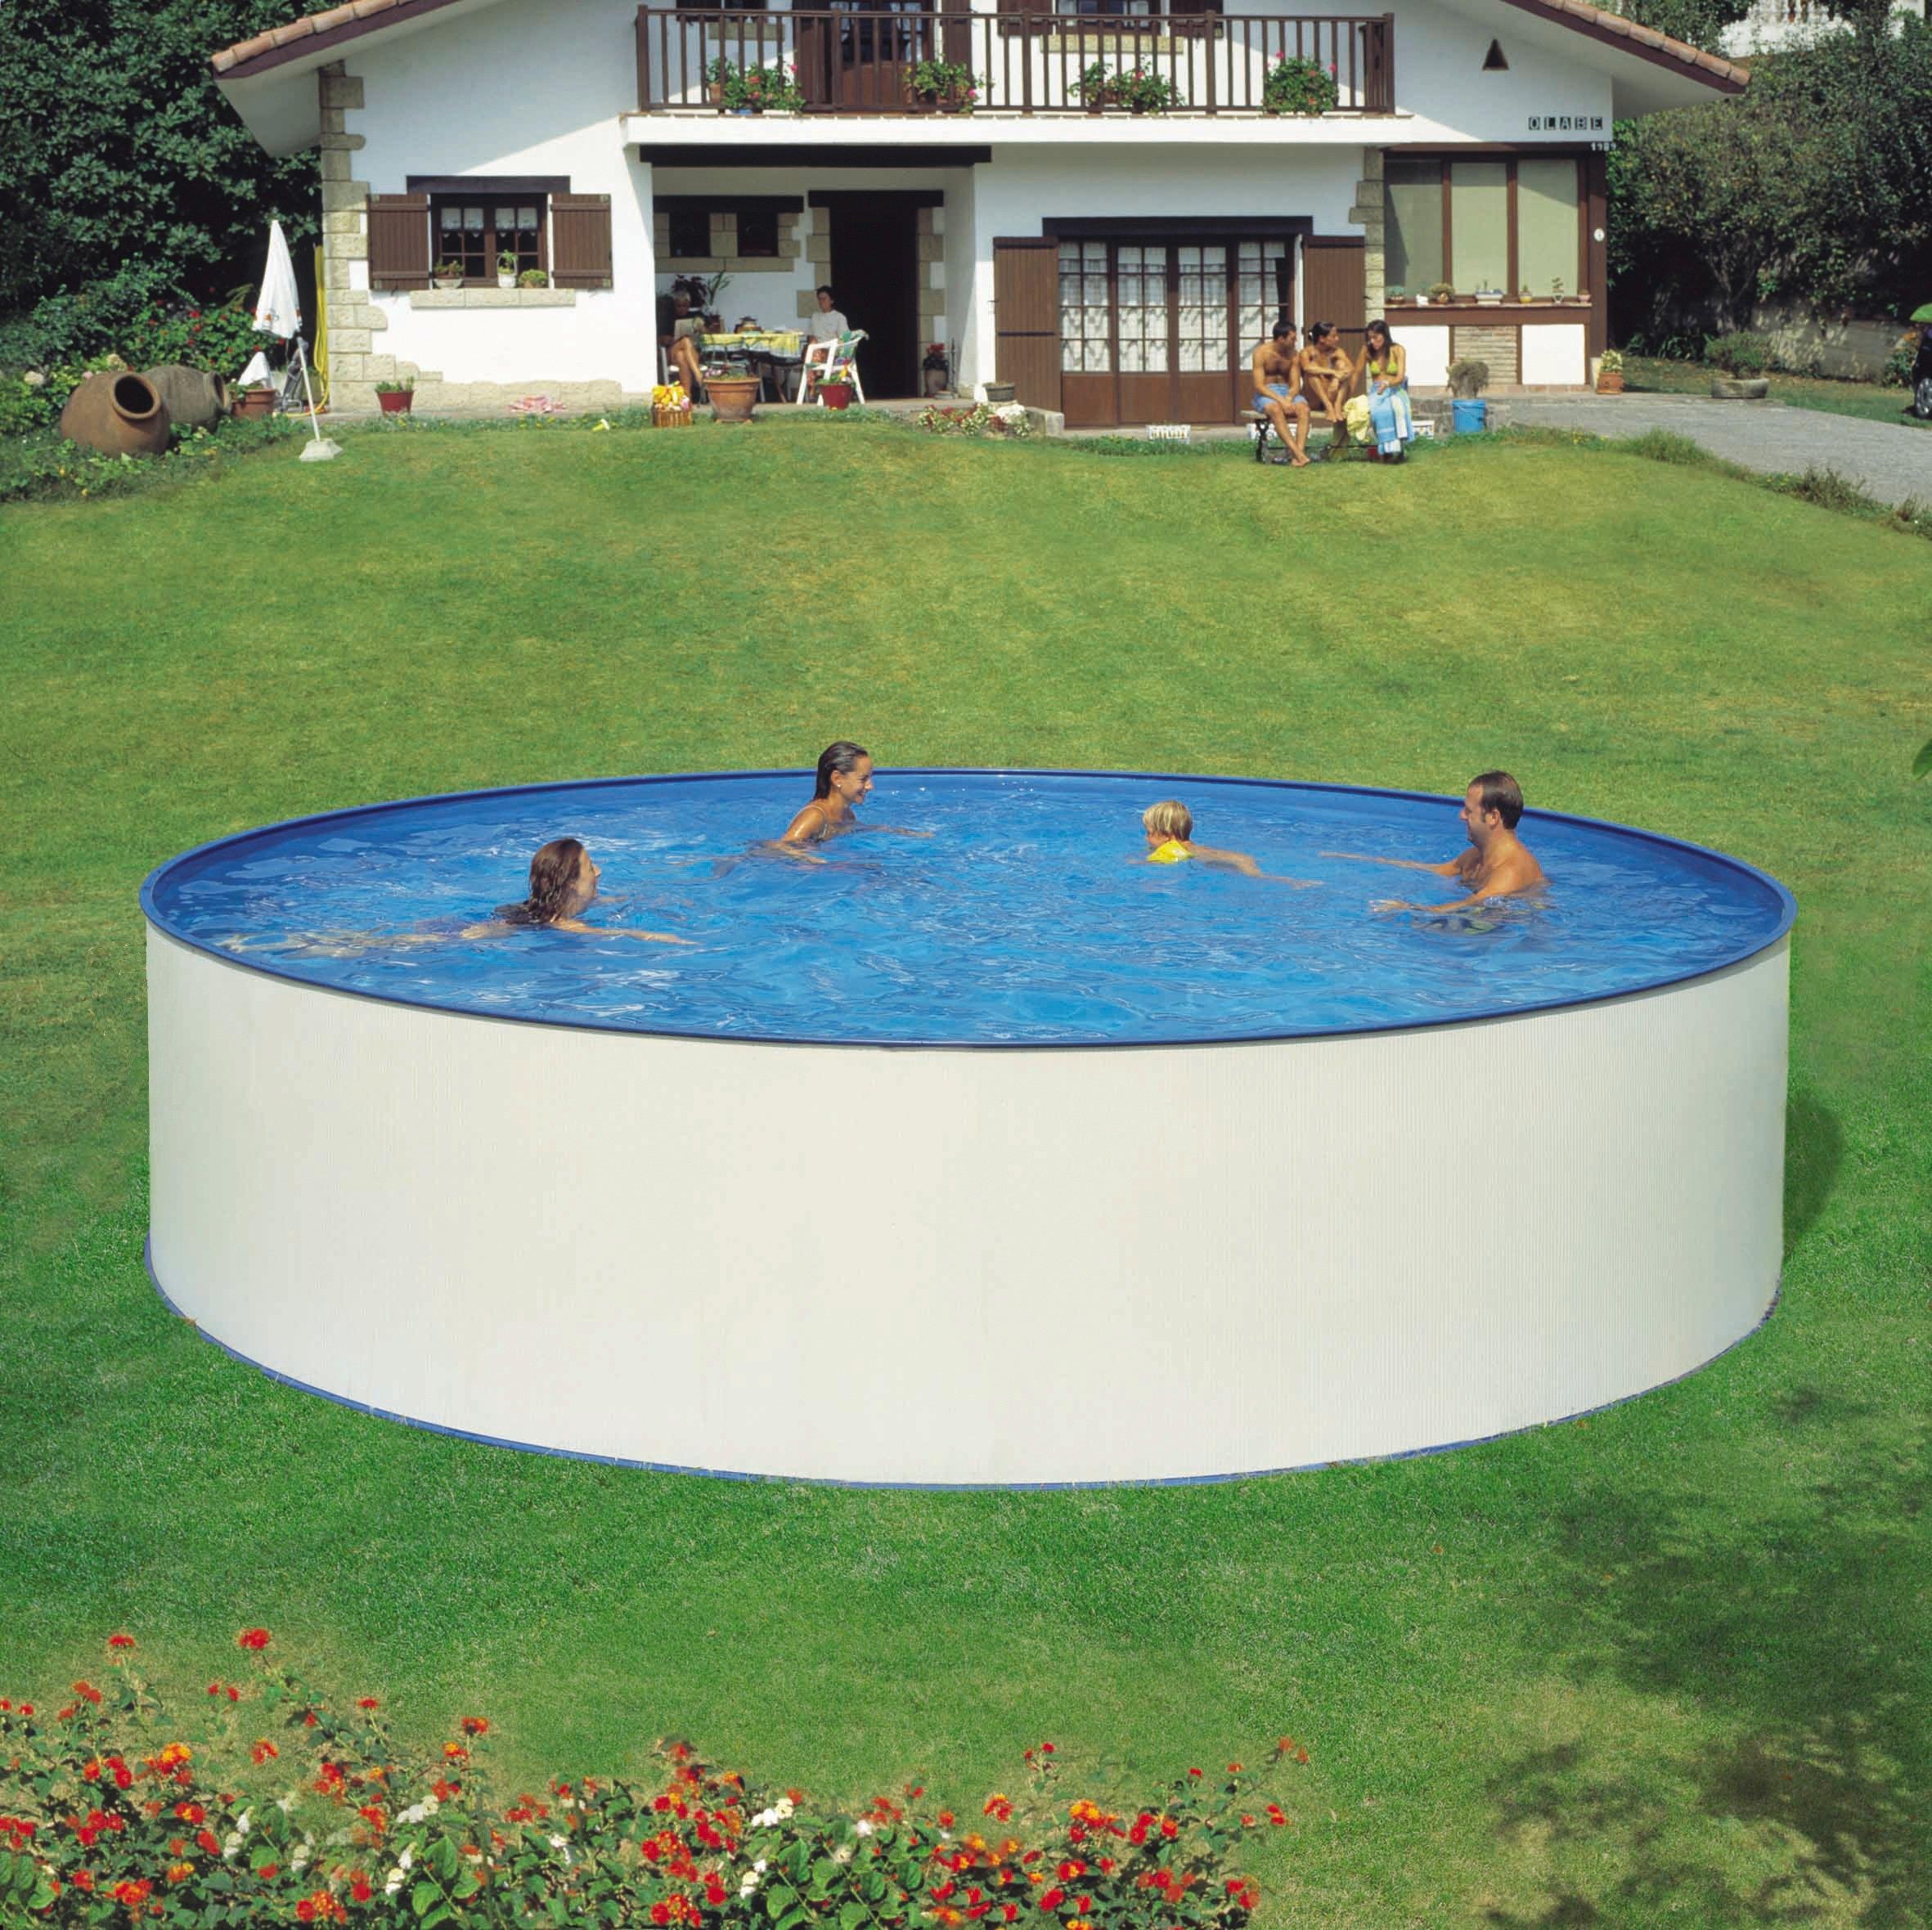 Hanseatic rond zwembad set rond zwembad met veiligheidstrap en filterinstallatie 3 m u 5 dlg - Rond het zwembad ...